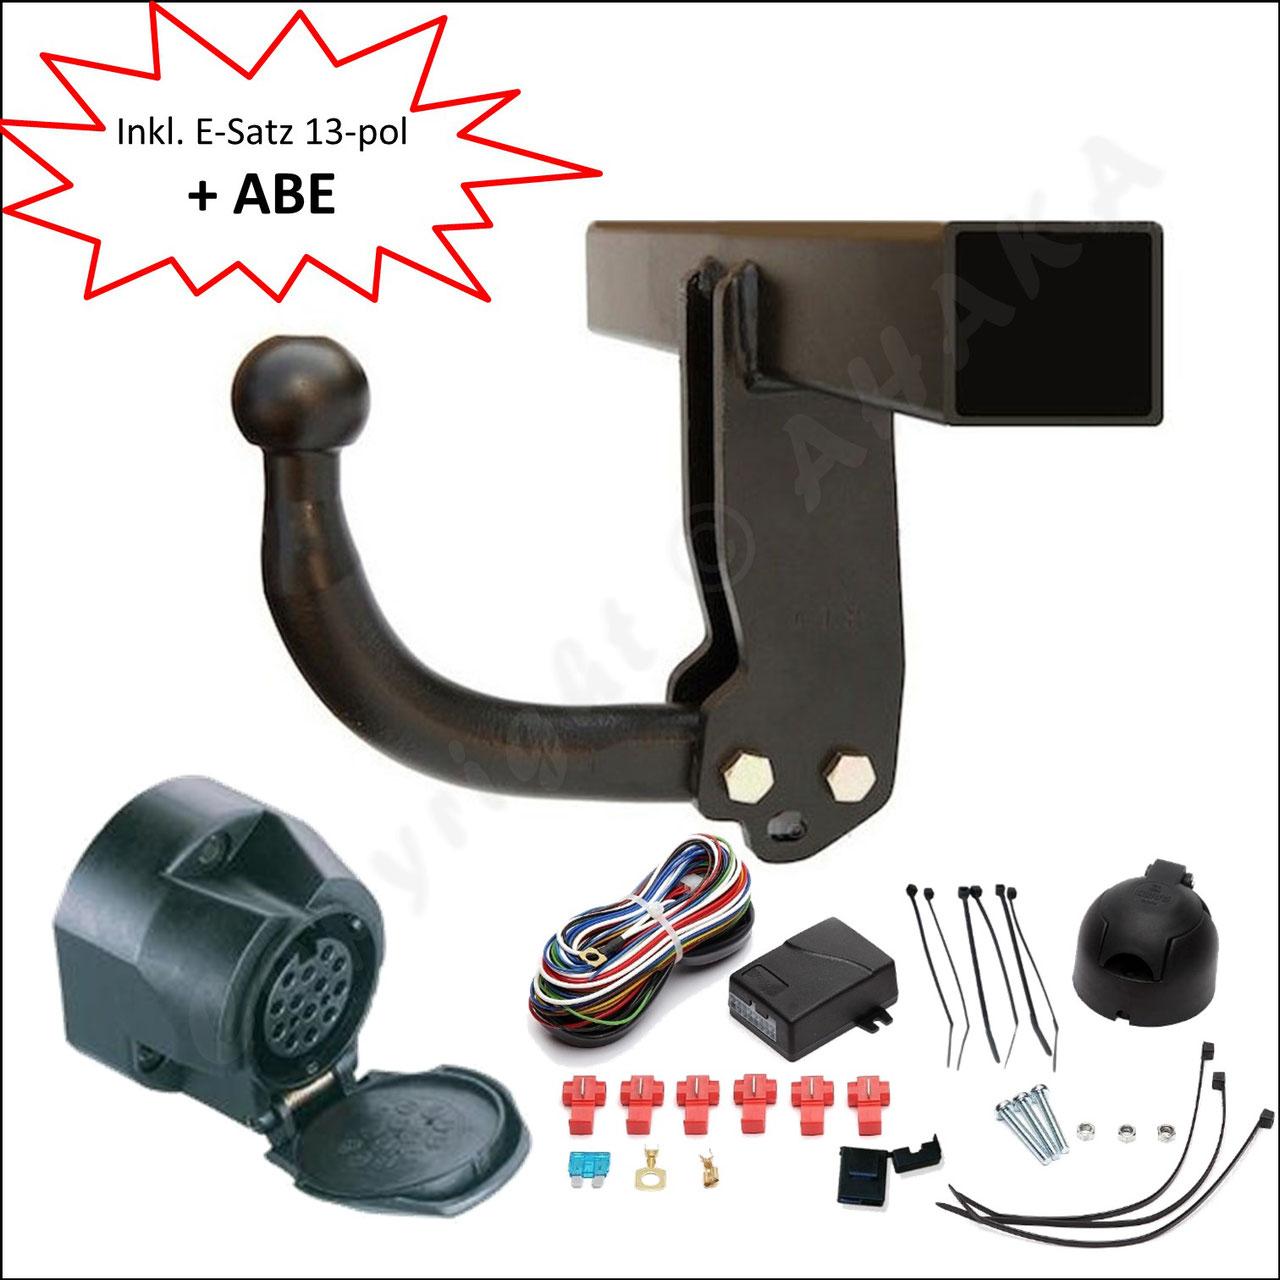 Anhängerkupplung abnehmbar+ESatz 7pol ABE Für Nissan X-Trail III T32